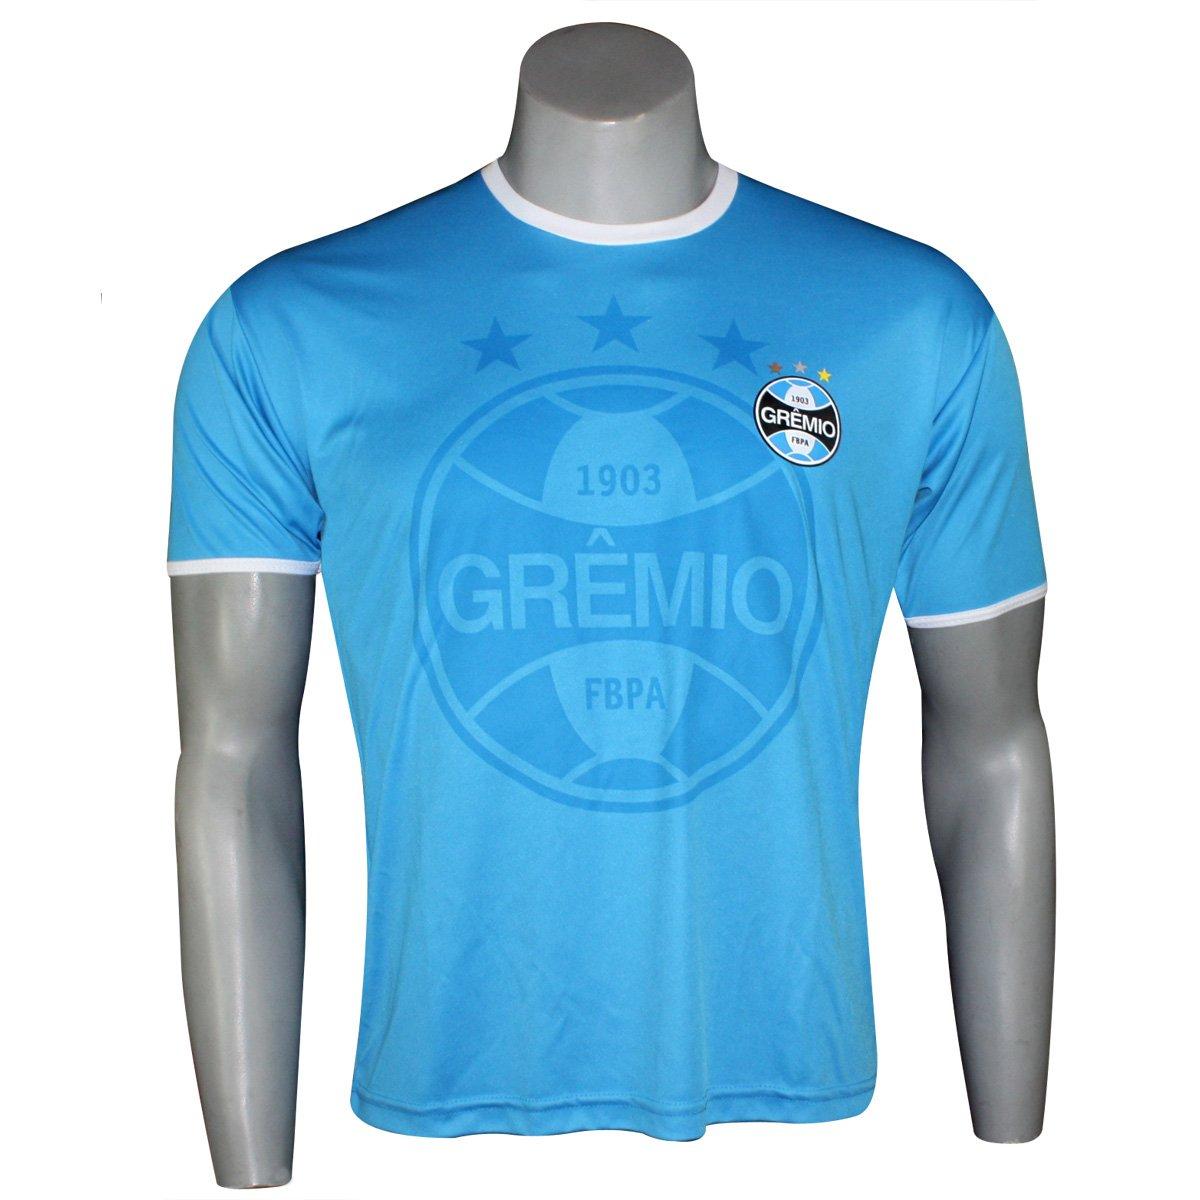 dc49e960cd Camisa Masculina Dilva Oldoni Grêmio G568 Celeste